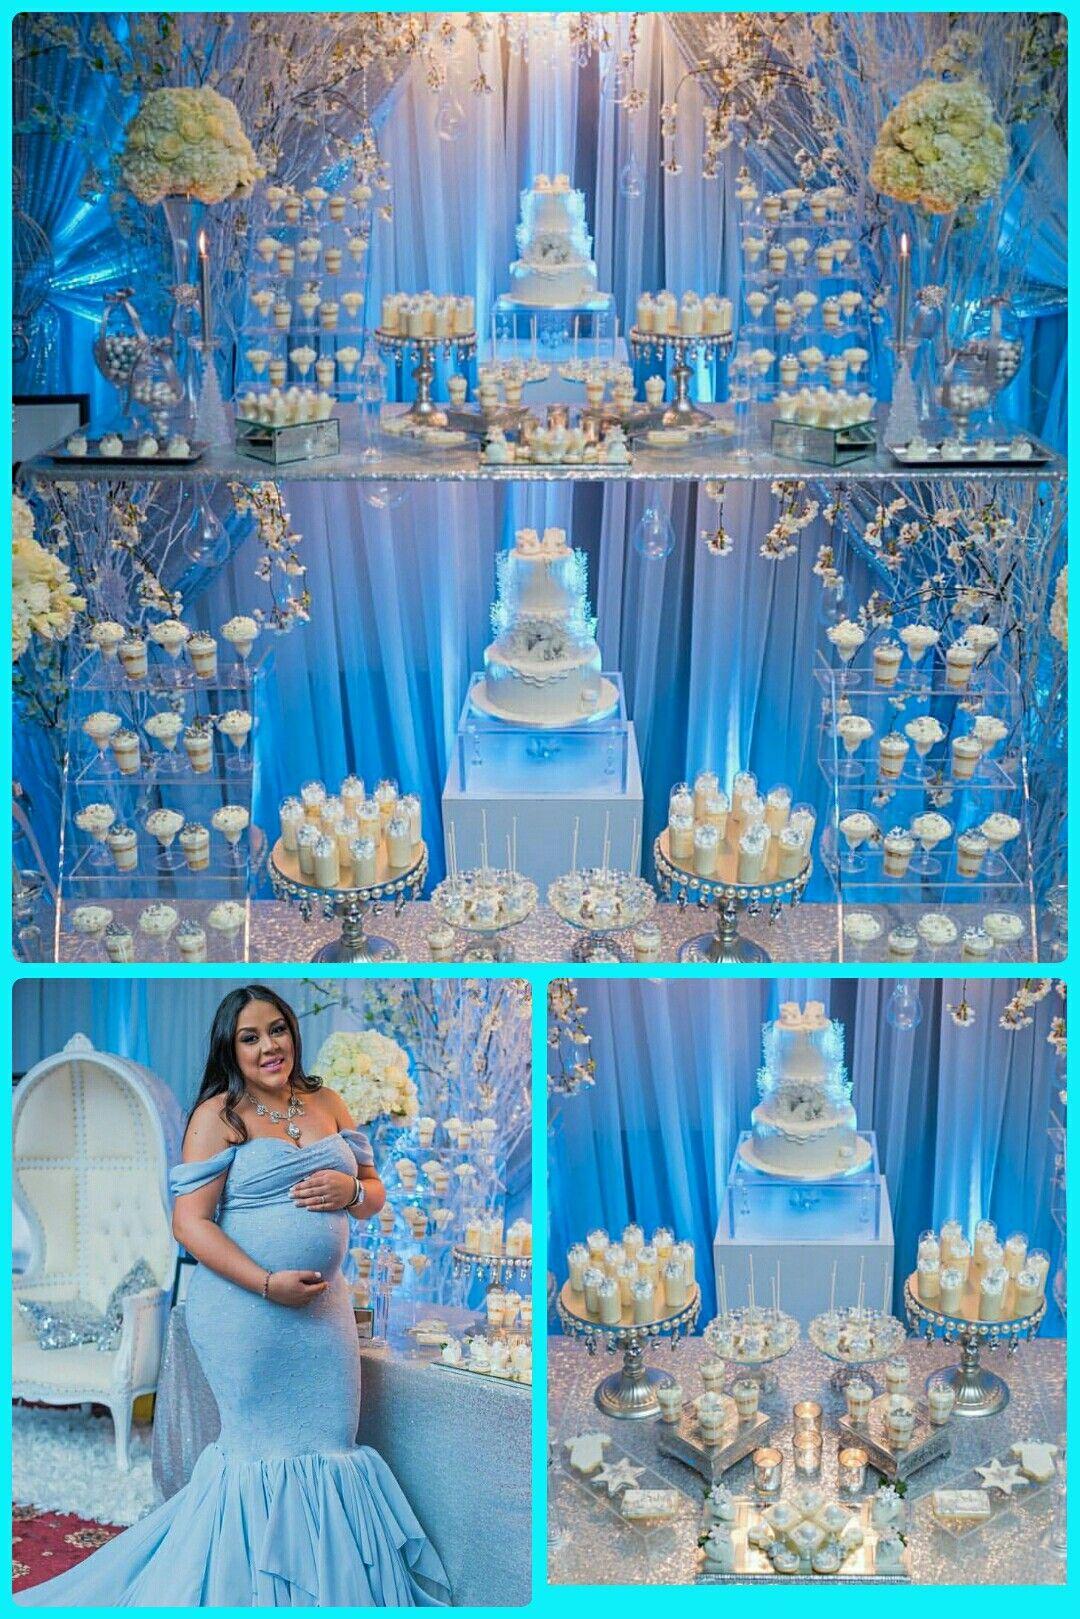 Ideas De Decoraciones Para Baby Shower De Nino.Is Boy Decoracion De Quinceanos Decoraciones De Fiestas